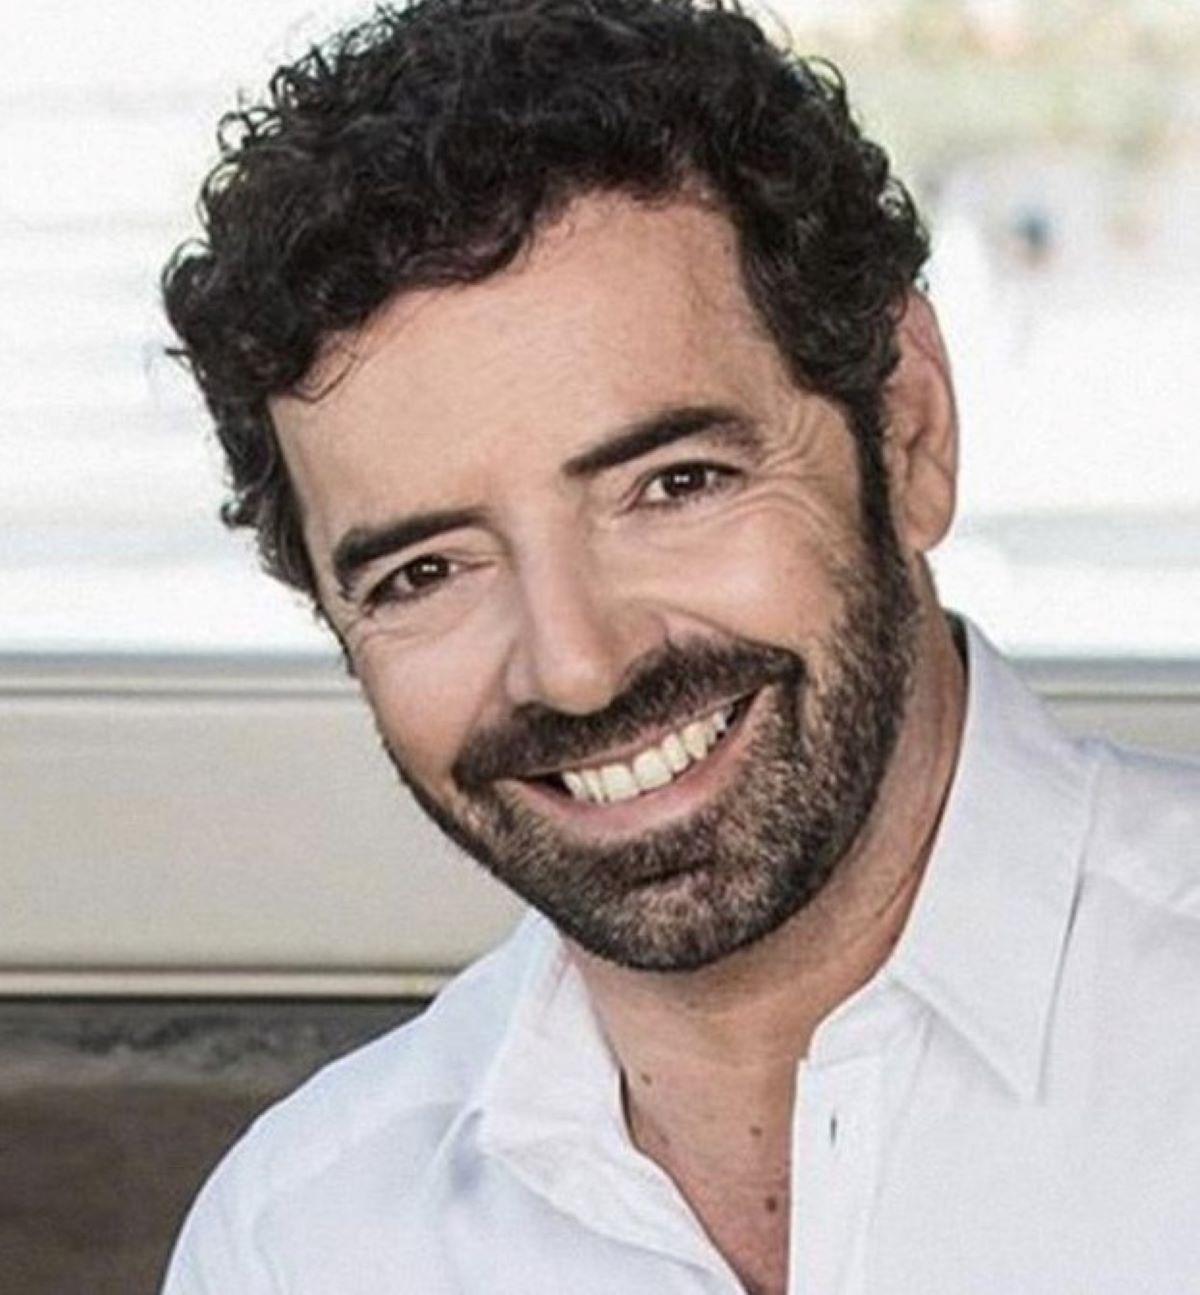 Alberto Matano Ritorno La Vita In diretta Annuncio